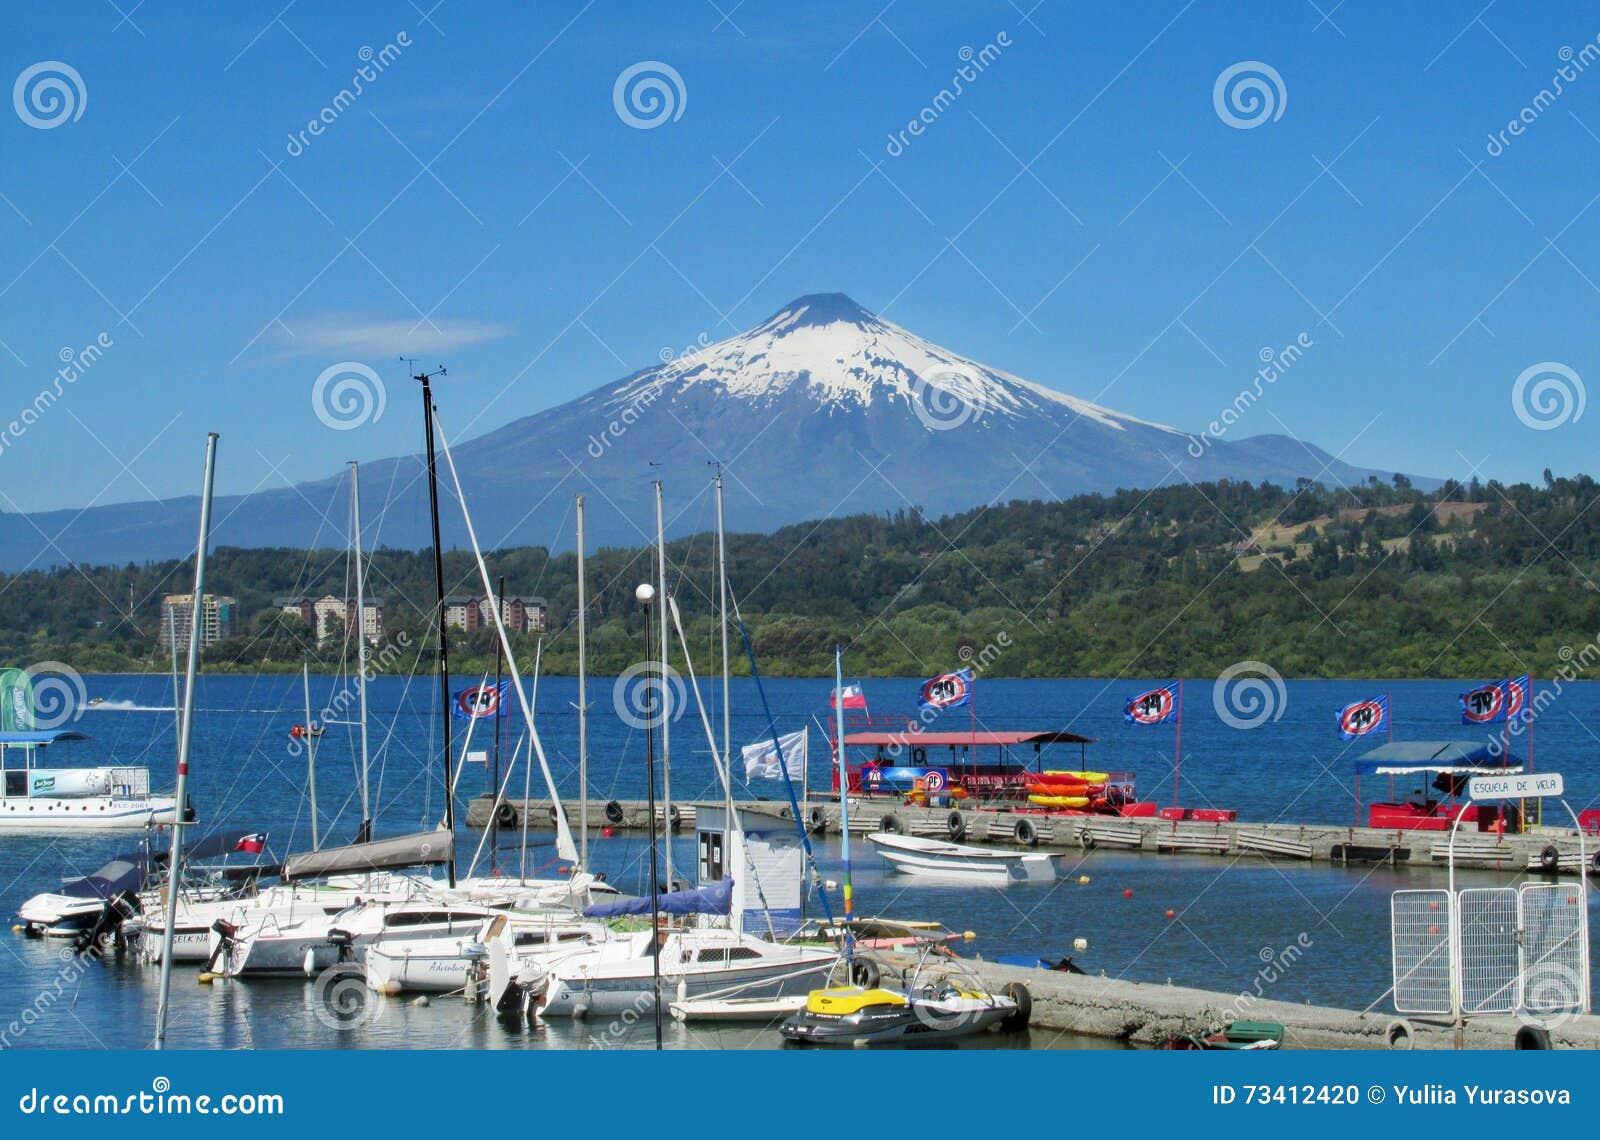 Harbour nel villaggio di Villarica, sul lago vicino al vulcano